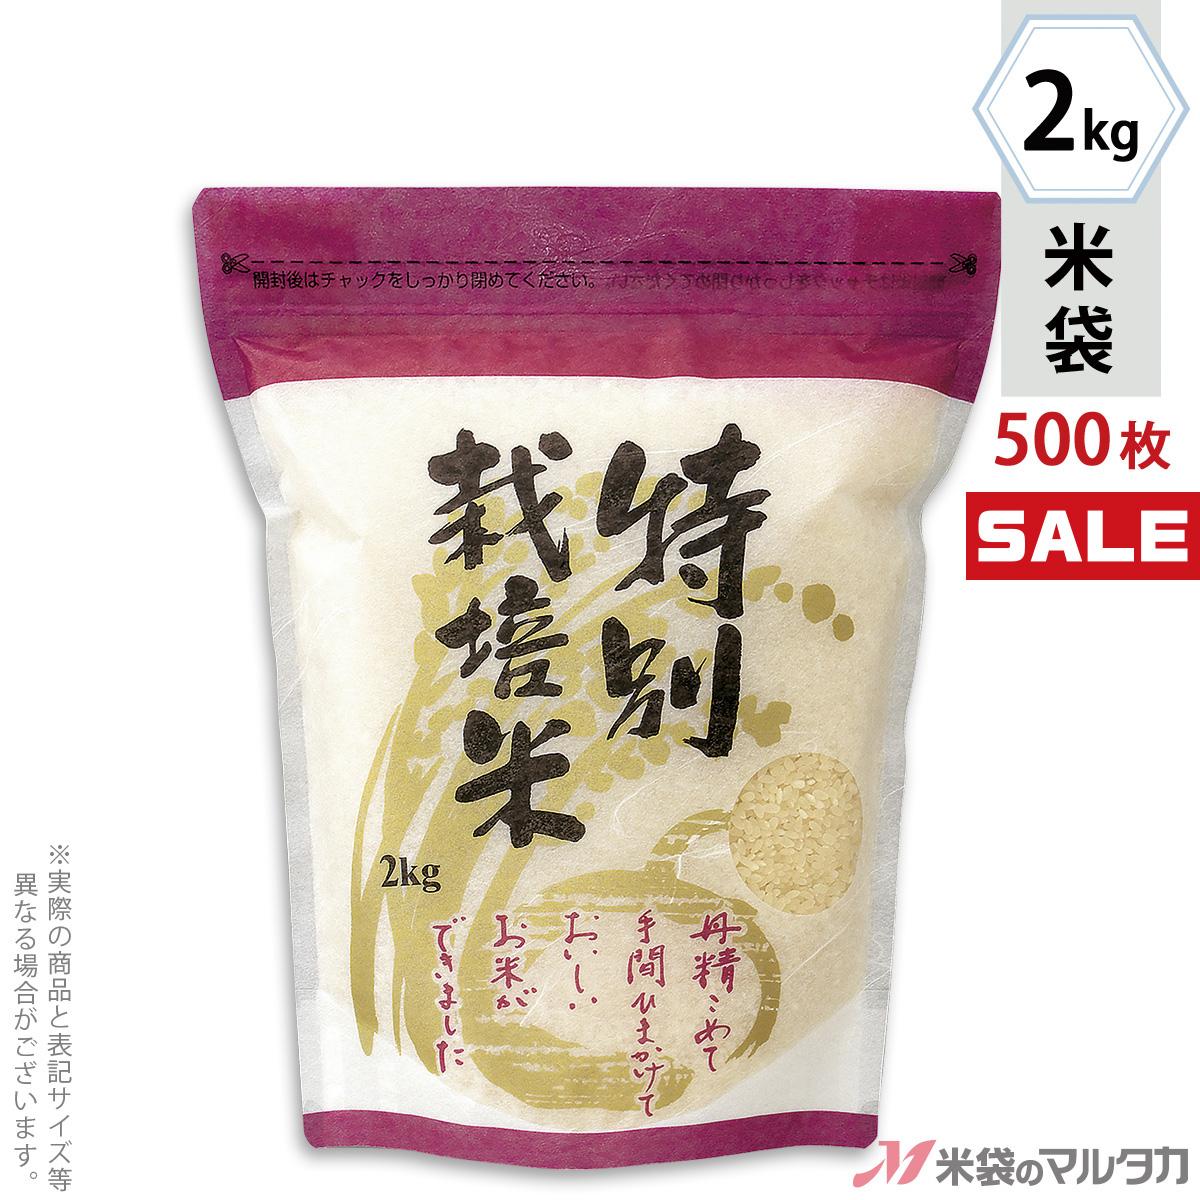 <キャンペーン対応>米袋 雲龍和紙 レギュラースタンドパックチャック付 特別栽培米 豊かな大地 2kg 1ケース(500枚入) TK-0020